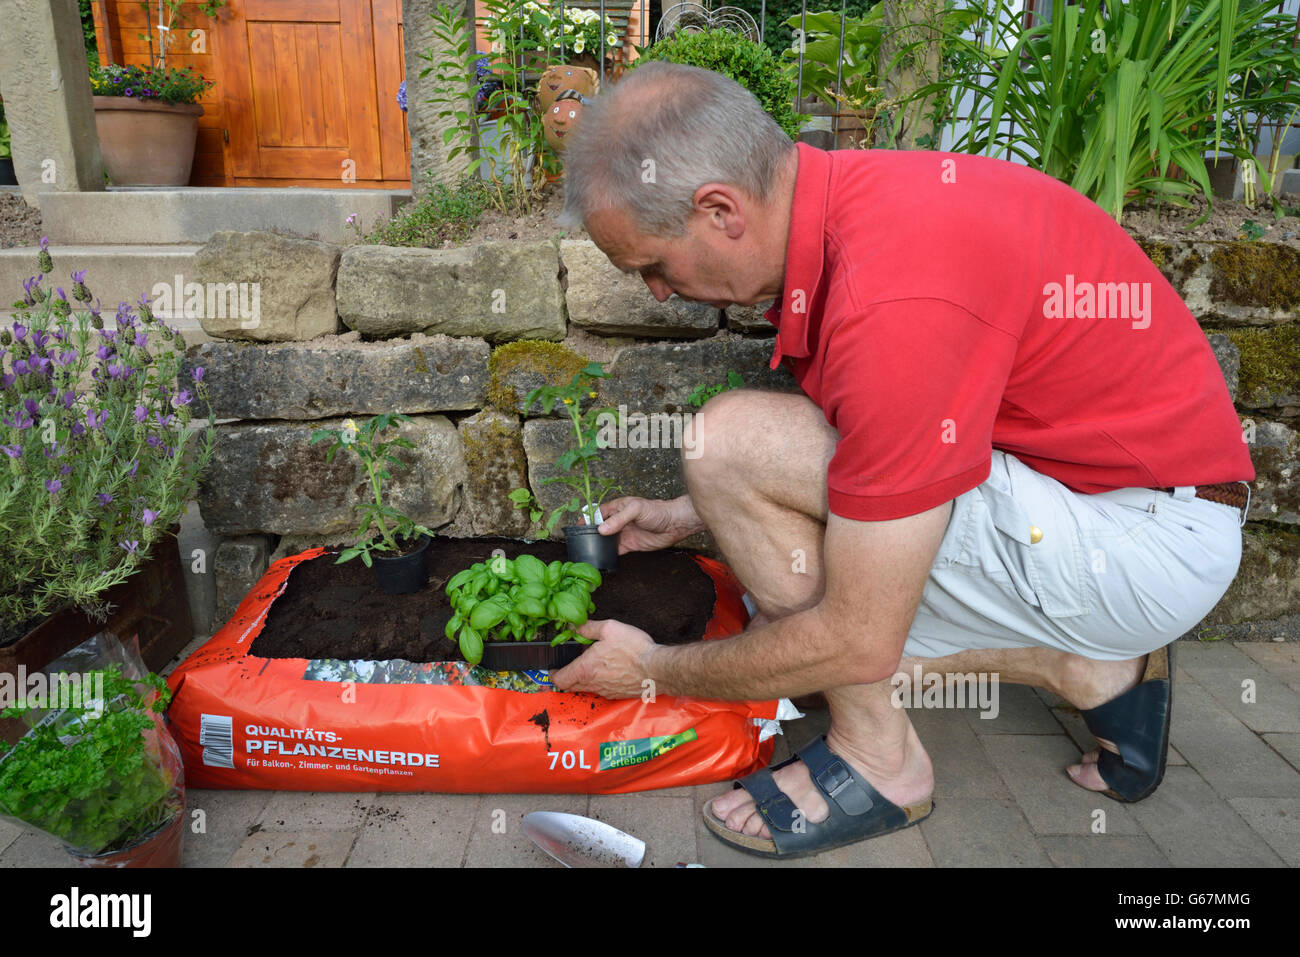 Sac de plantation le sol de fleurs Photo Stock